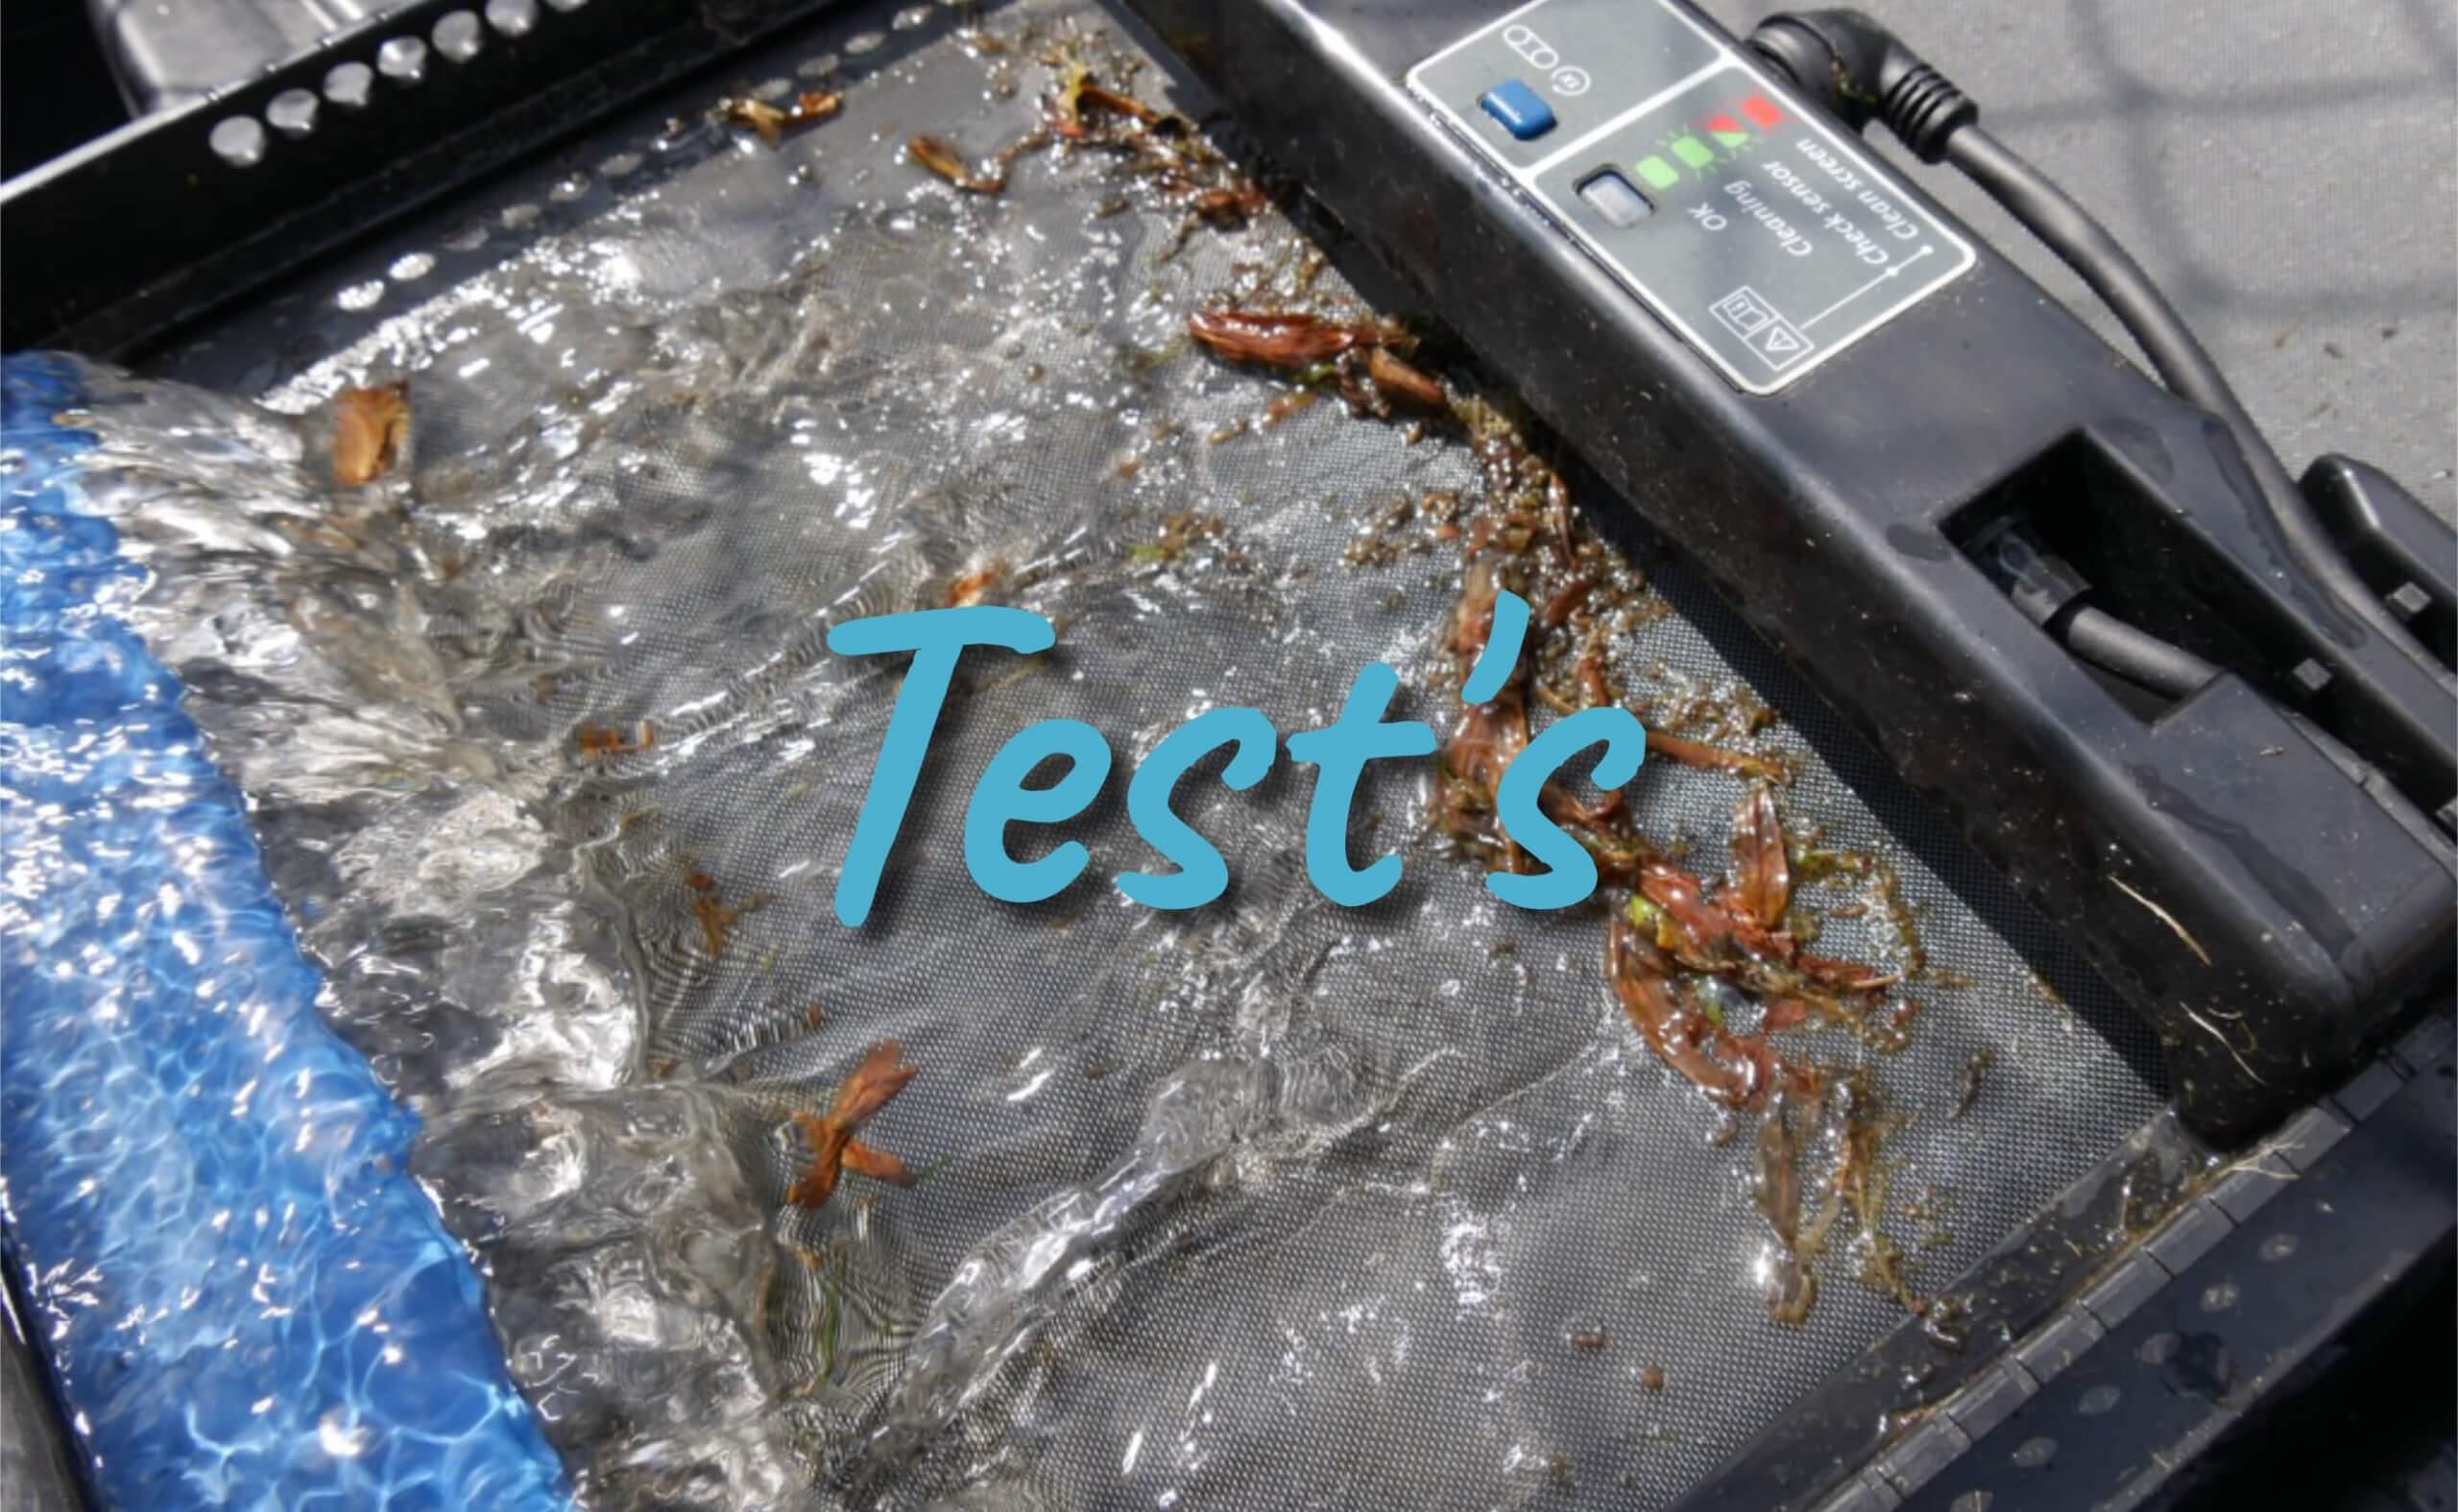 Gartenteich Test's